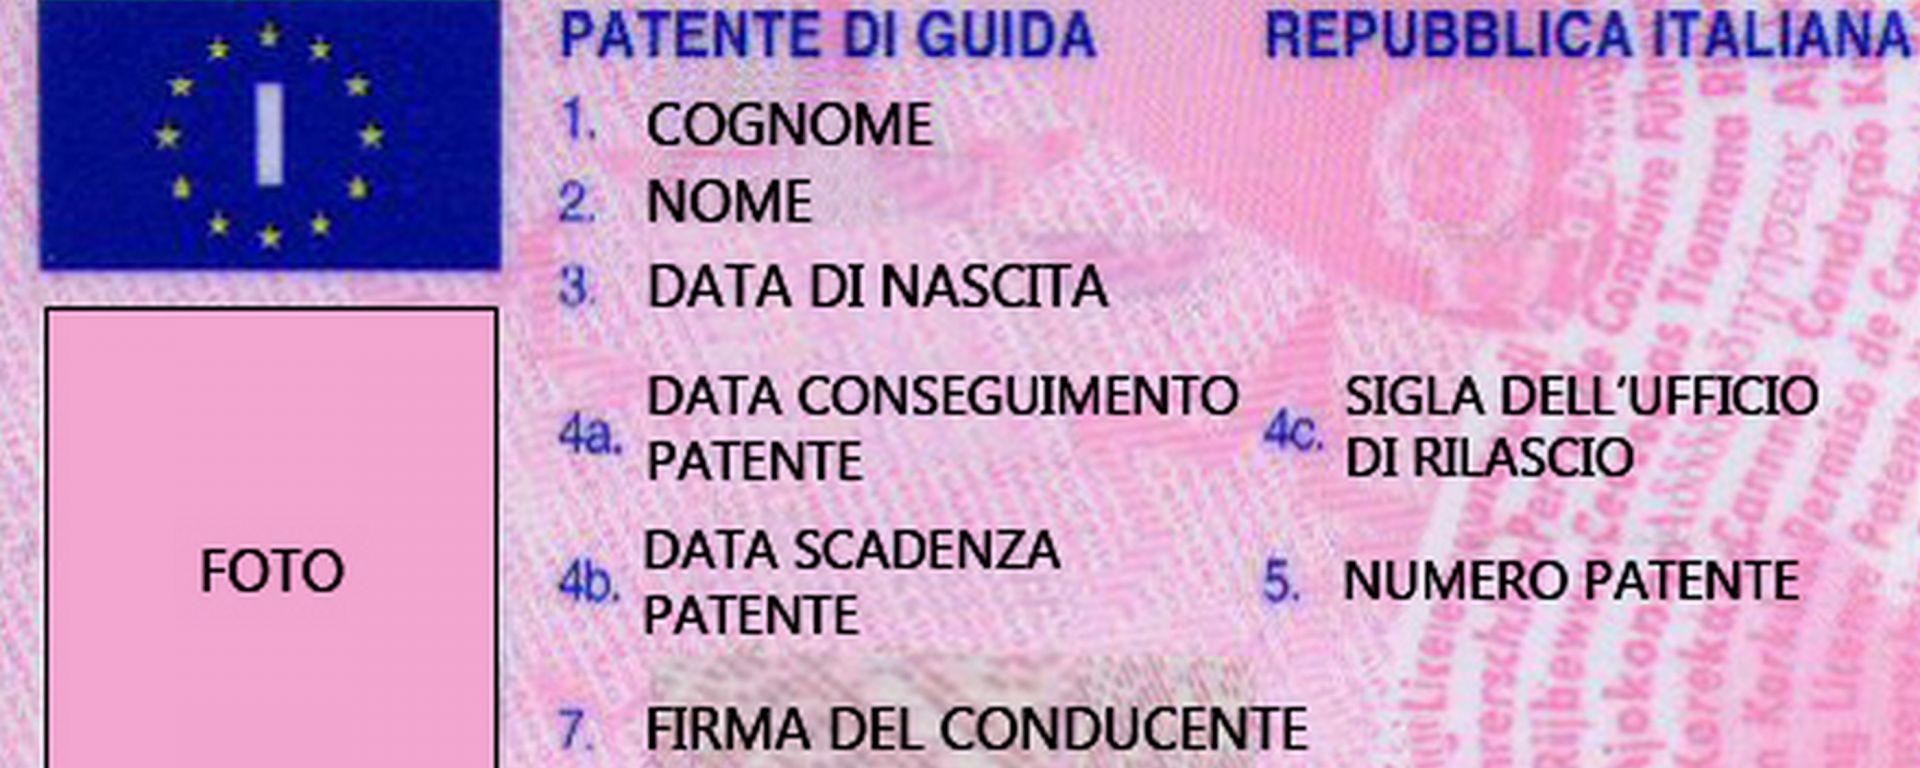 Facciamo chiarezza:la patente vale come documento di riconoscimento?